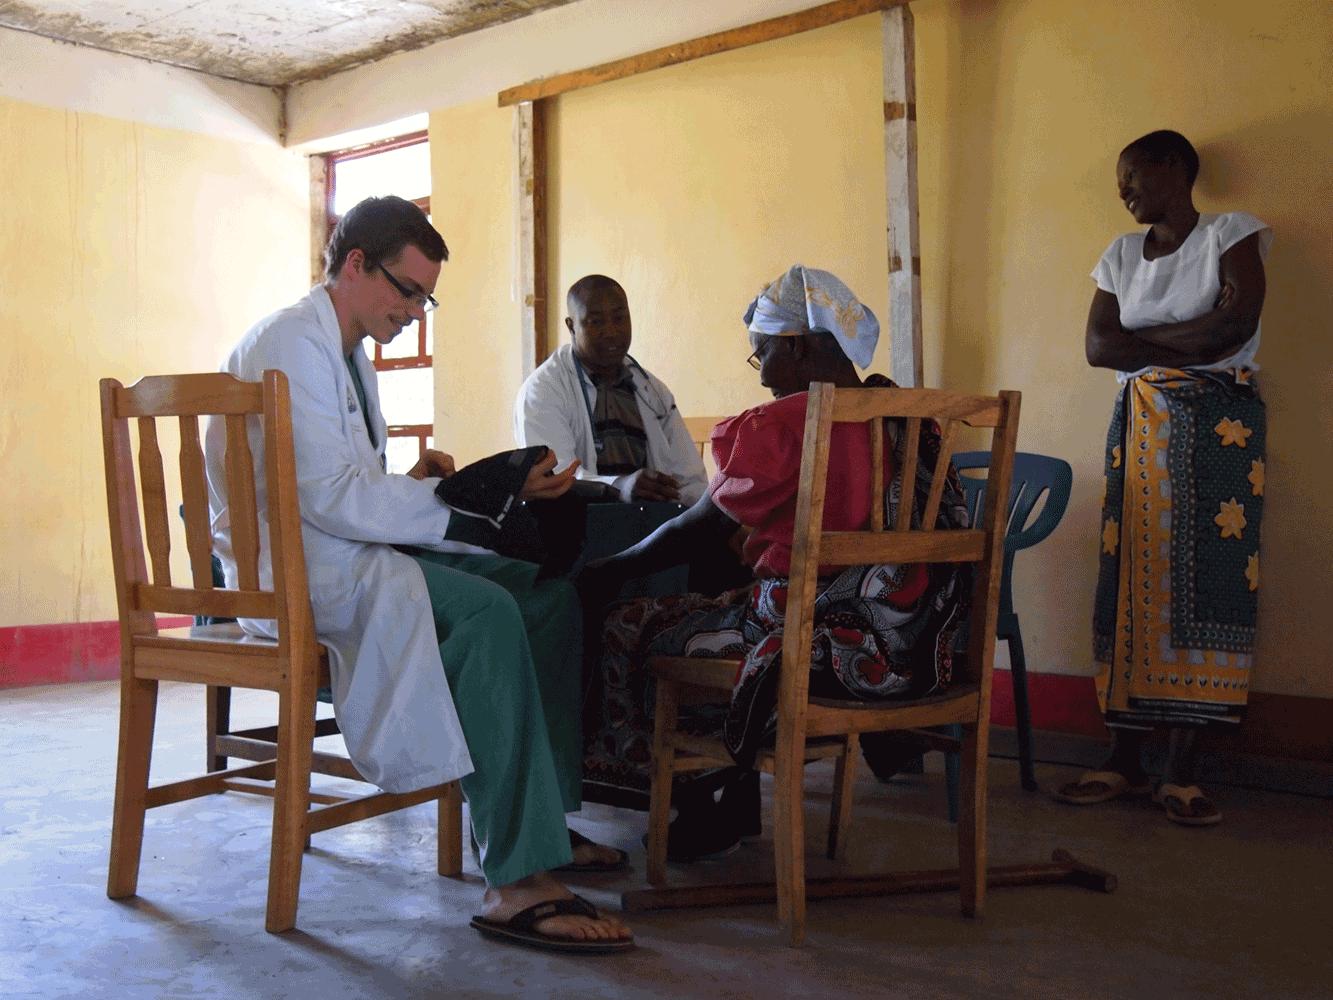 Dr. Clemens Kaindlstorfer während seiner medizinischen Tätigkeit in Tansania